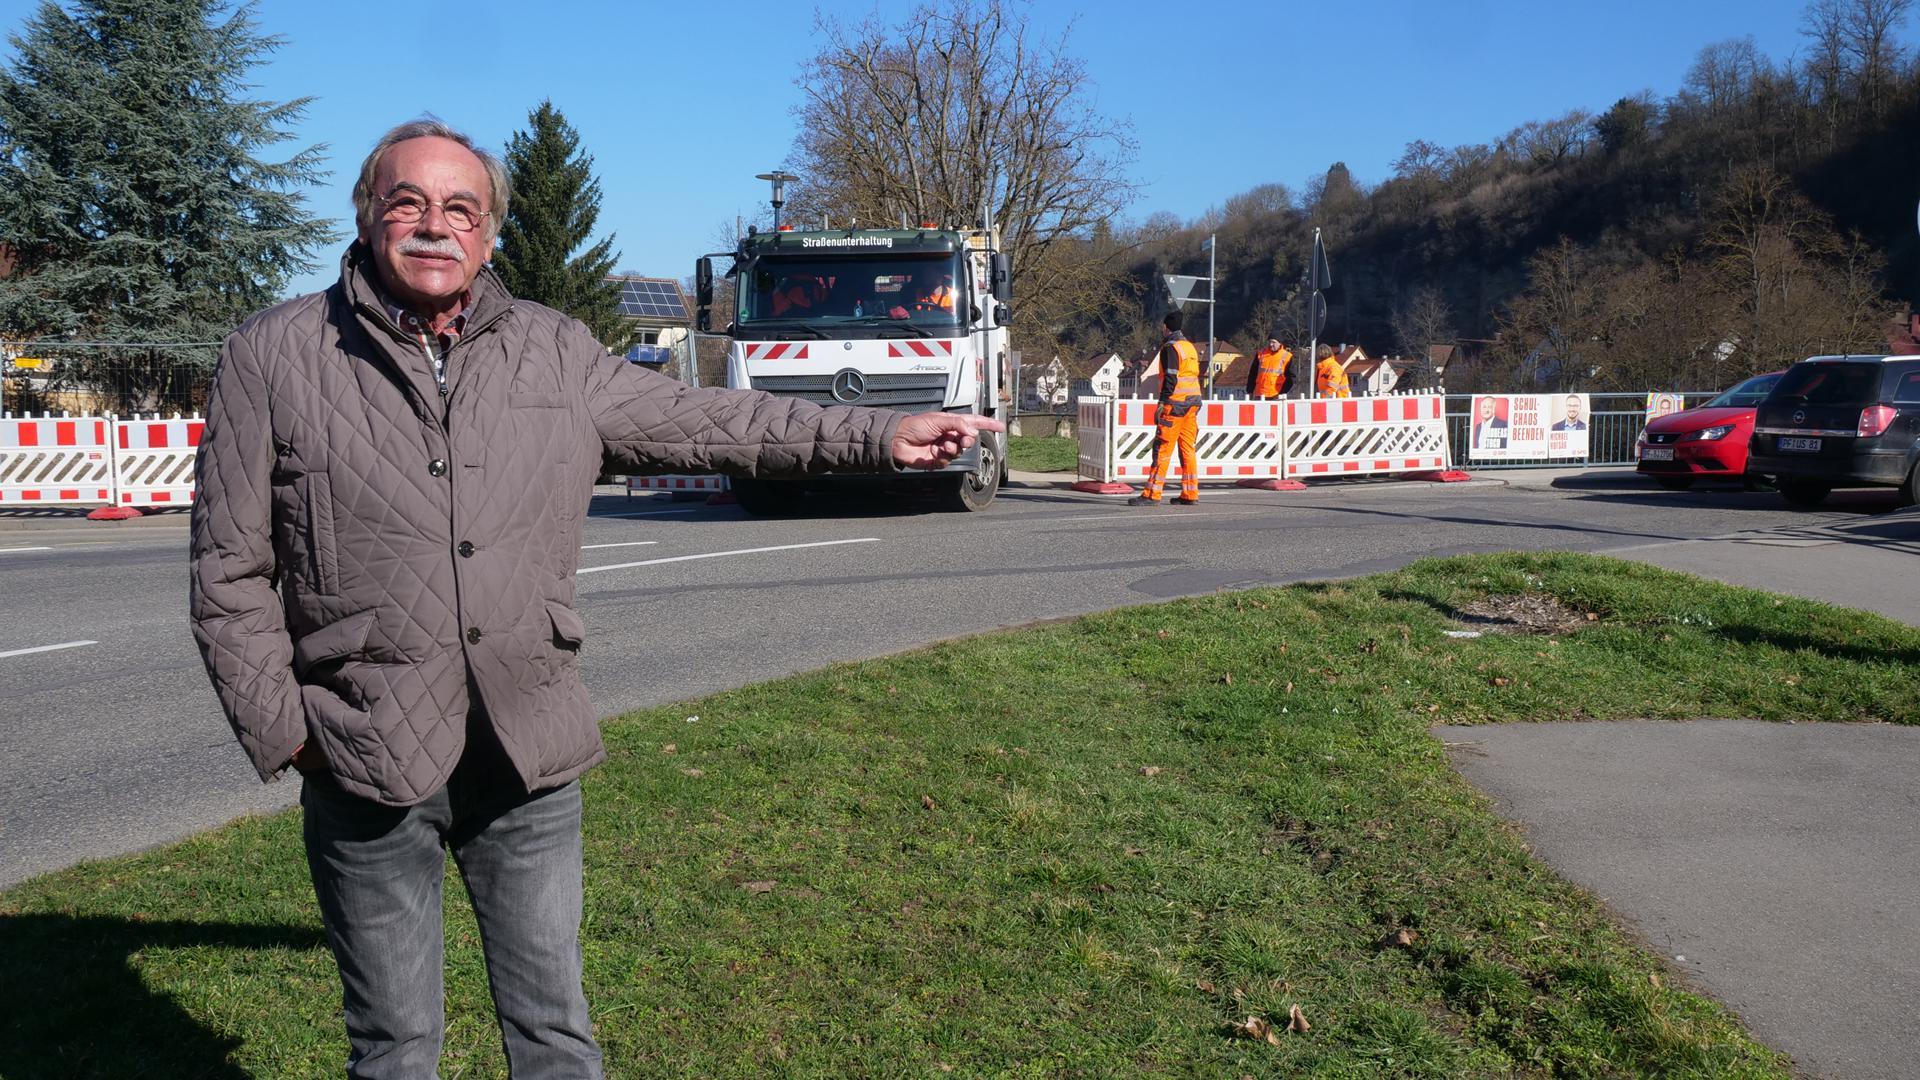 Mit der Einrichtung der Baustelle startet der Neubau der Herrenwaagbrücke. Für Mühlacker-Dürrmenz ist das ein Grund zur Freude, findet Stadtrat Rolf Leo